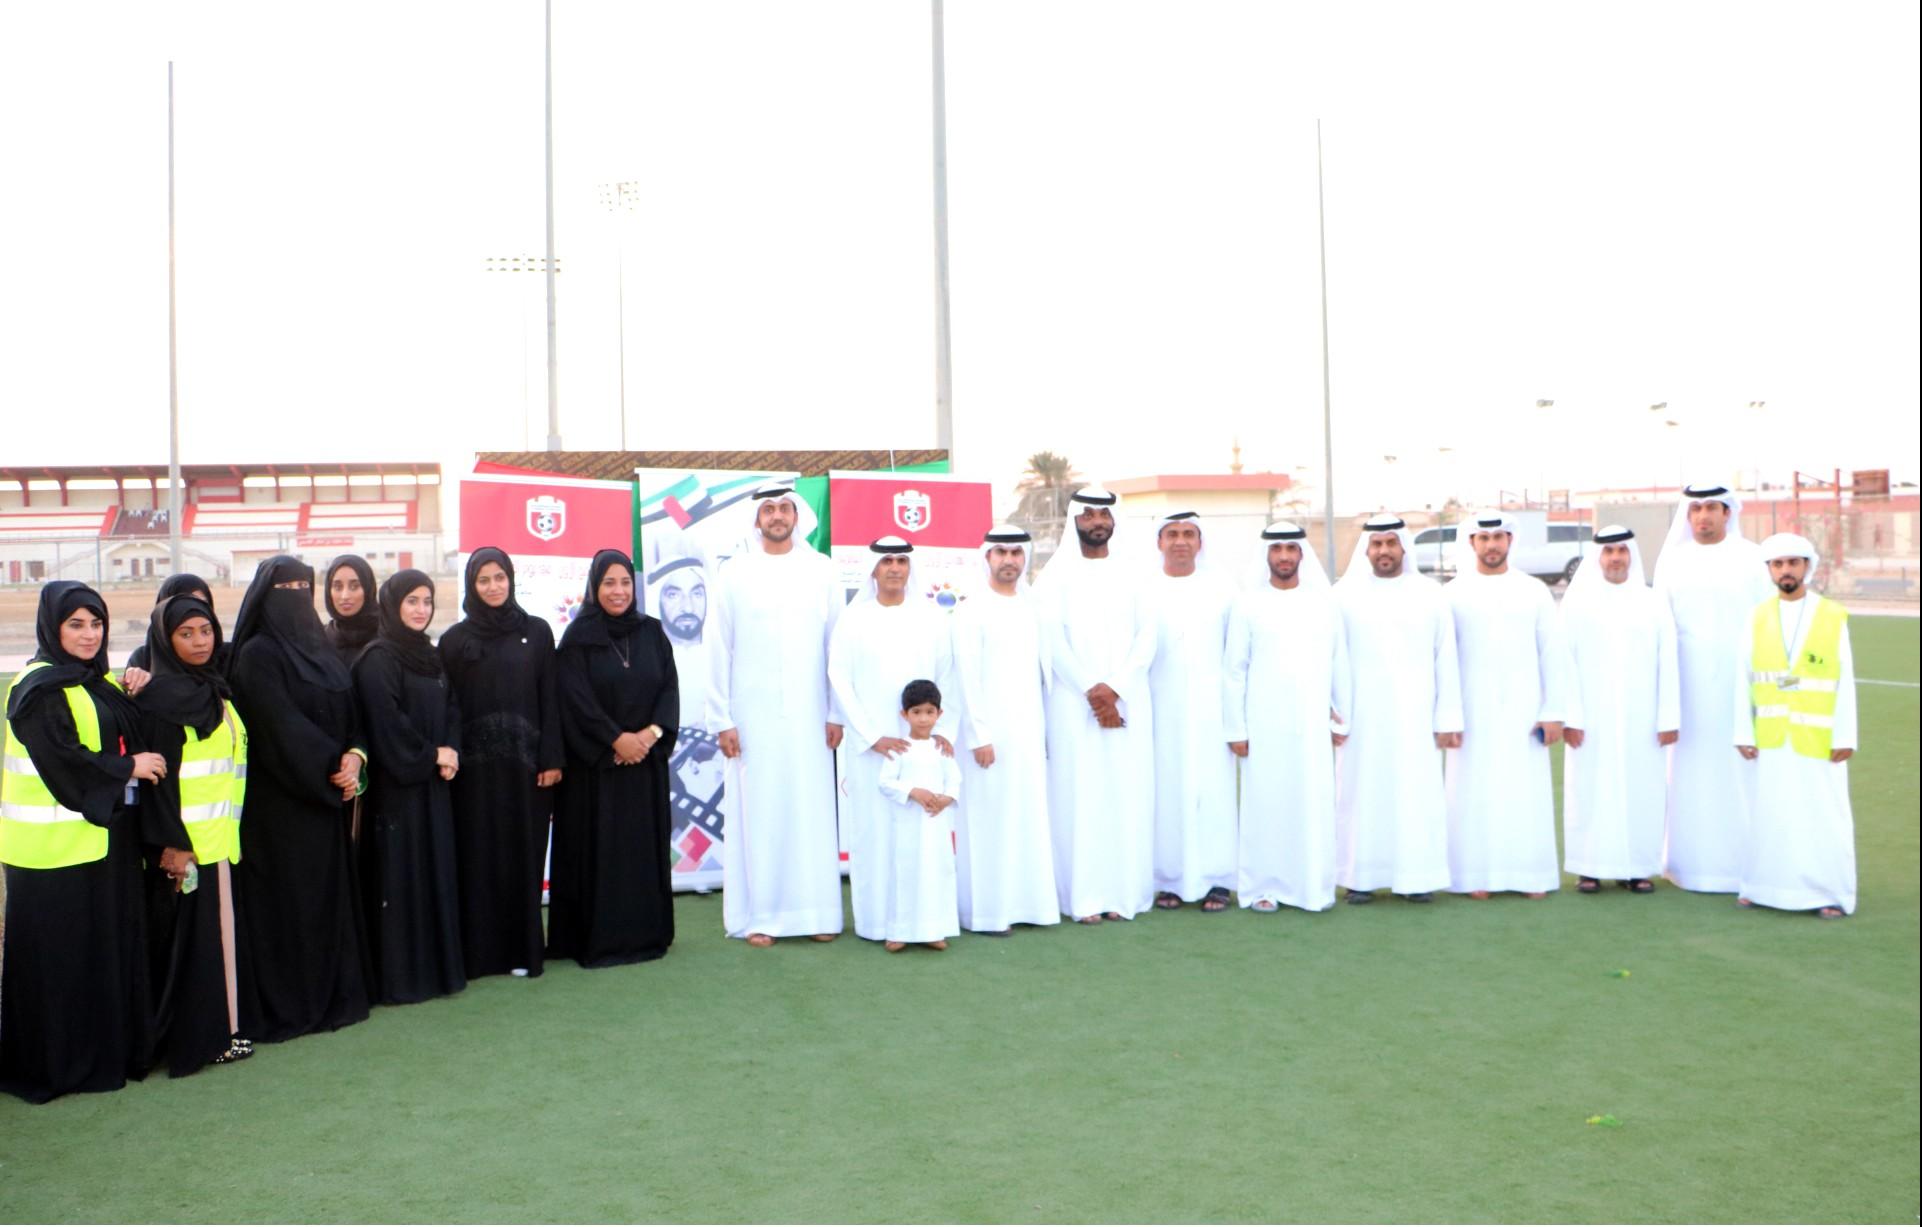 احتفالات نادي الجزيرة الحمراء باليوم العالمي للتسامح